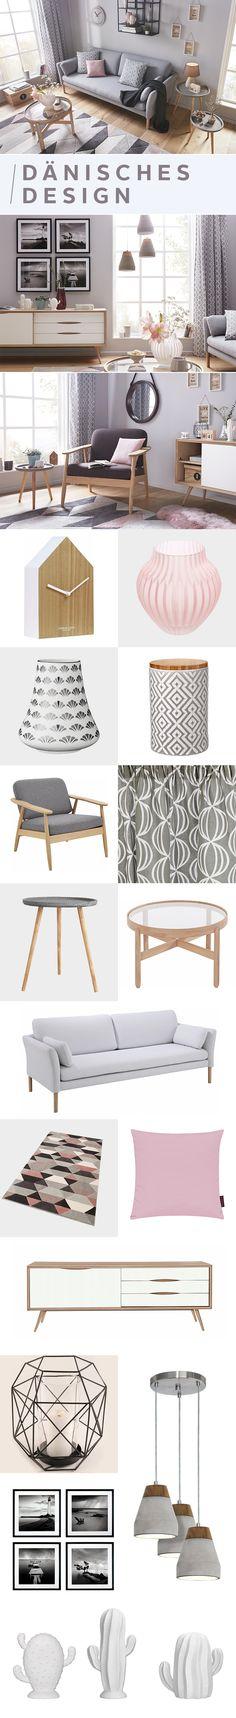 Design Made In Dänemark Tut Jedem Zuhause Gut Und Sorgt Für Eine  Ausgeglichene Wohn Stimmung. Das OTTO Pinterest Team Hat Dir Ein Paar ...